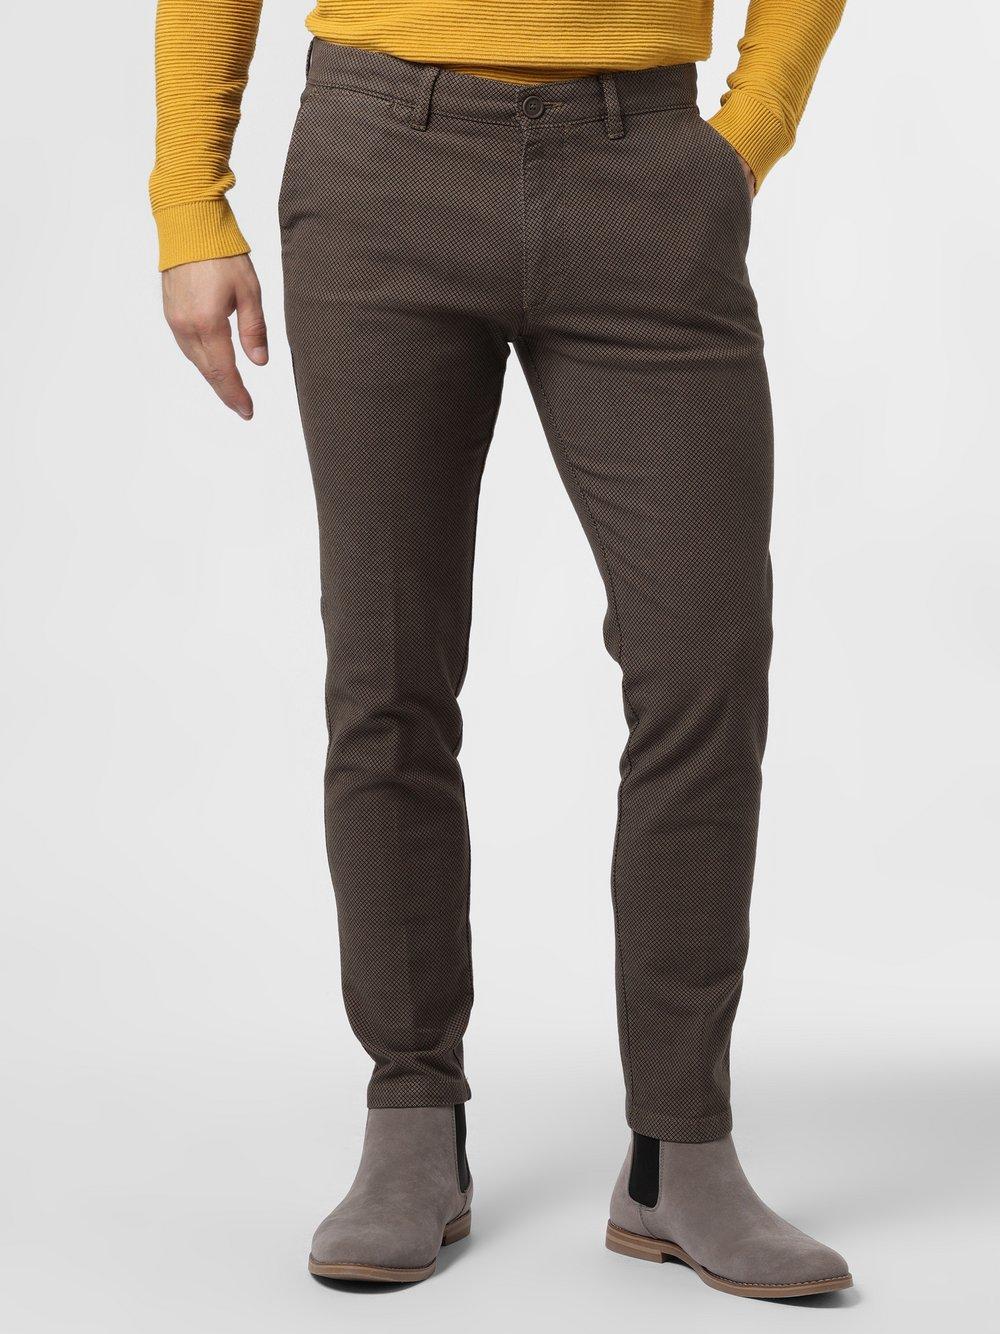 Drykorn - Spodnie męskie – Mad, beżowy